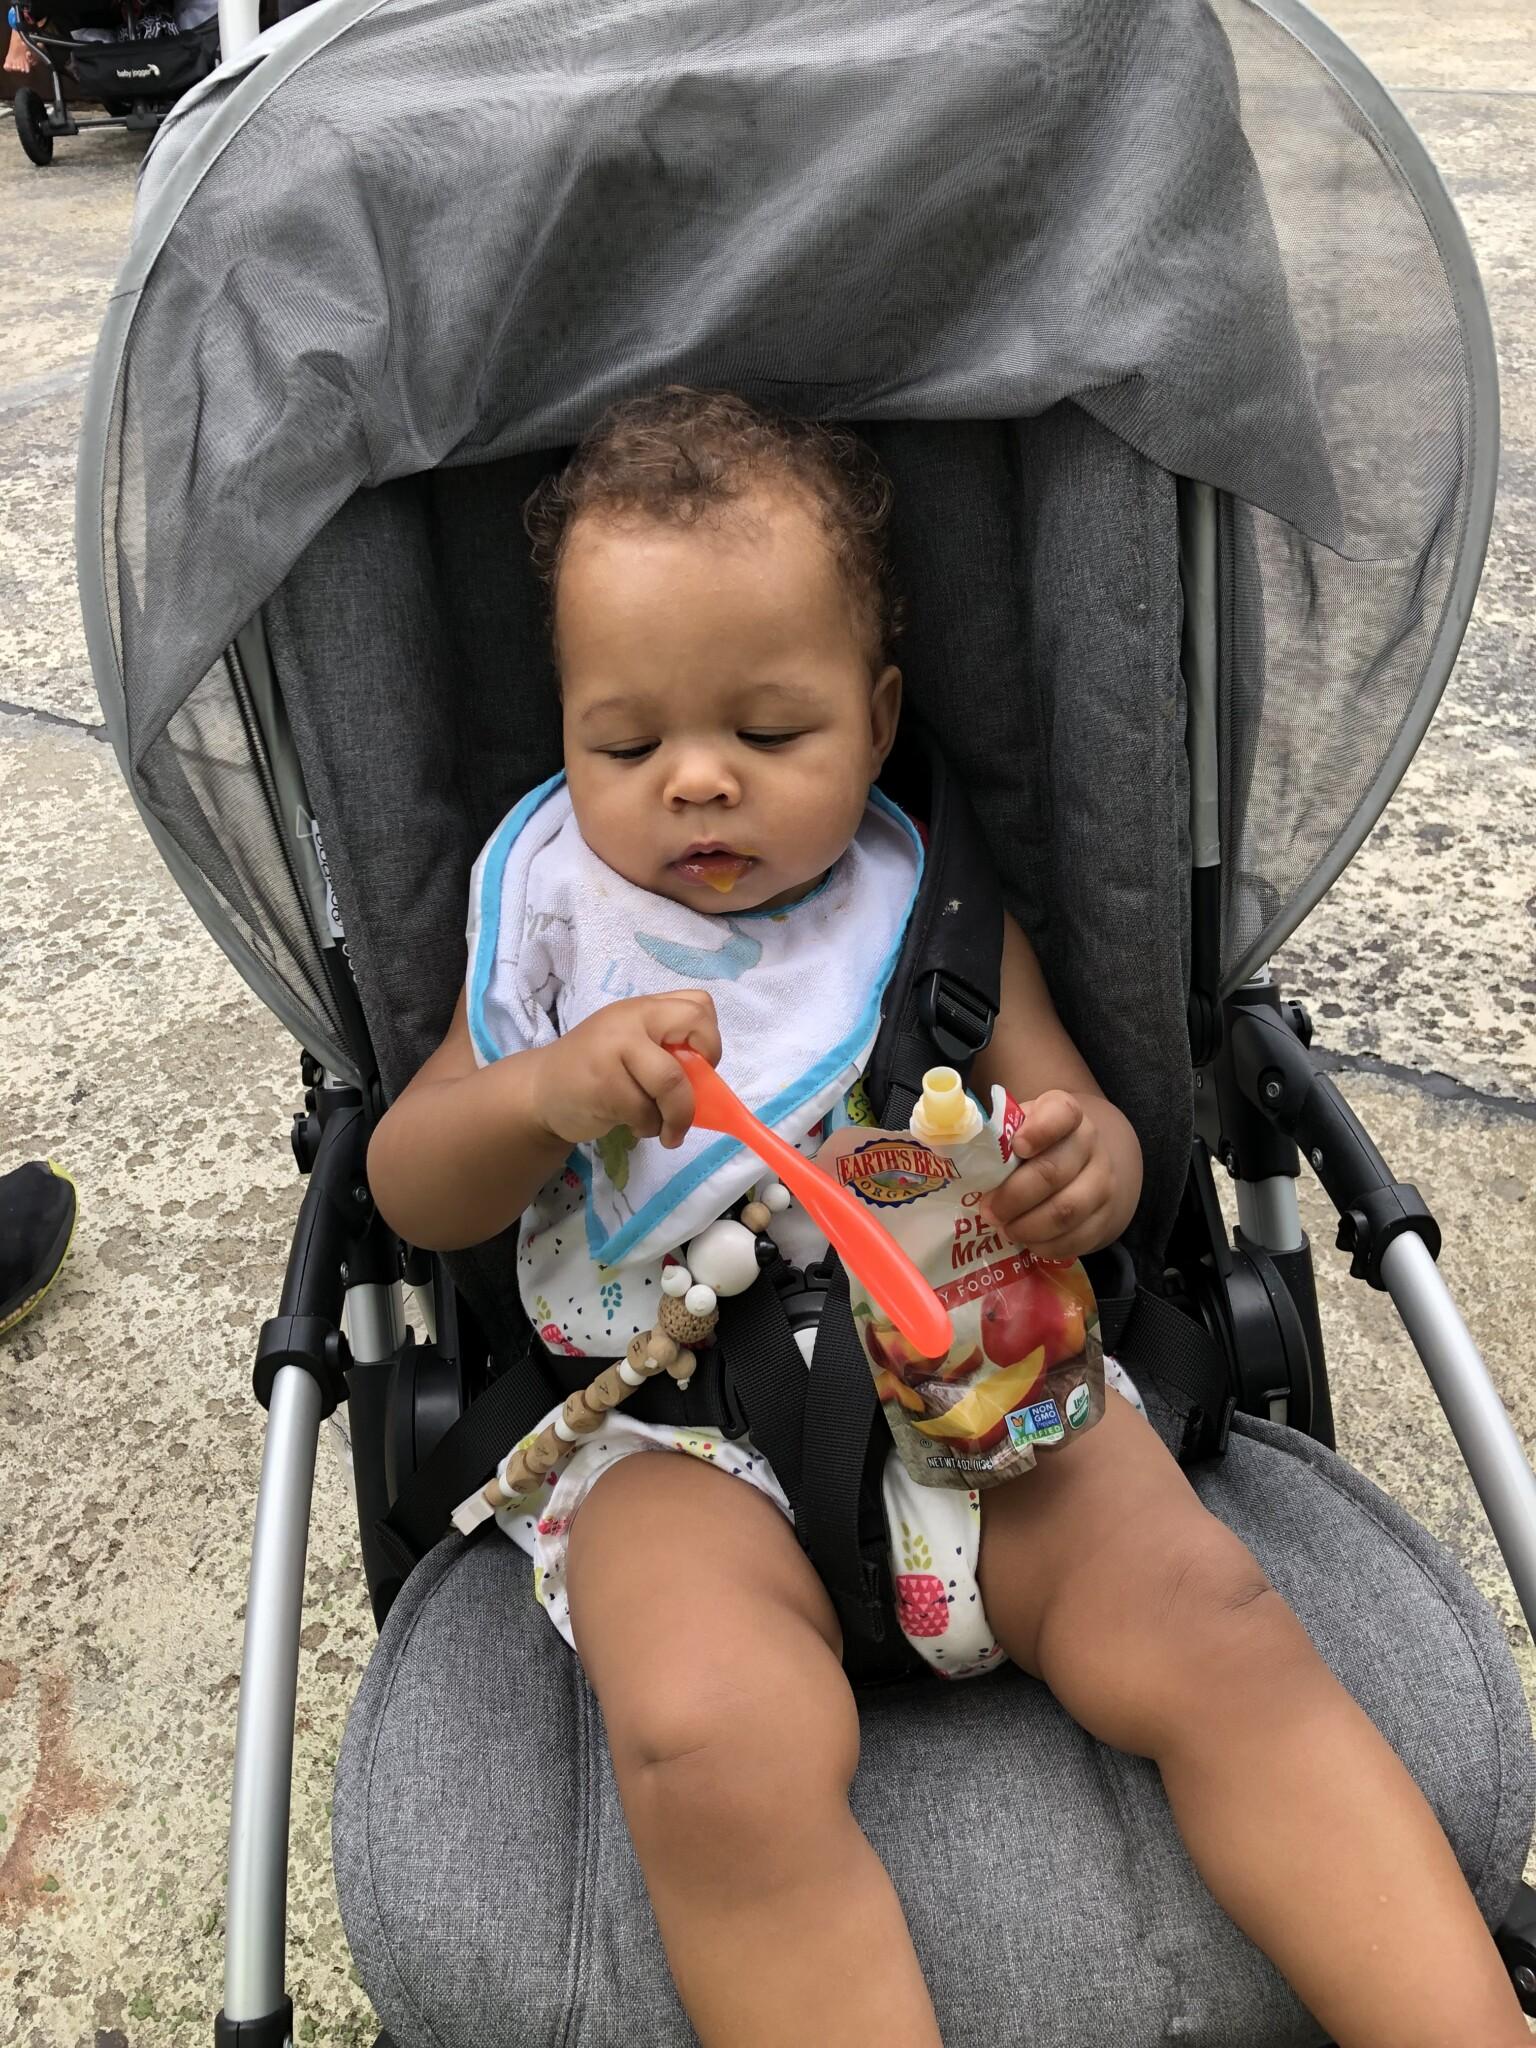 2 semaines en Floride avec un bébé de 1 an - Séjour du 2 au 16 mai 2019 DCL + WDW - Page 17 IMG_1168-1536x2048